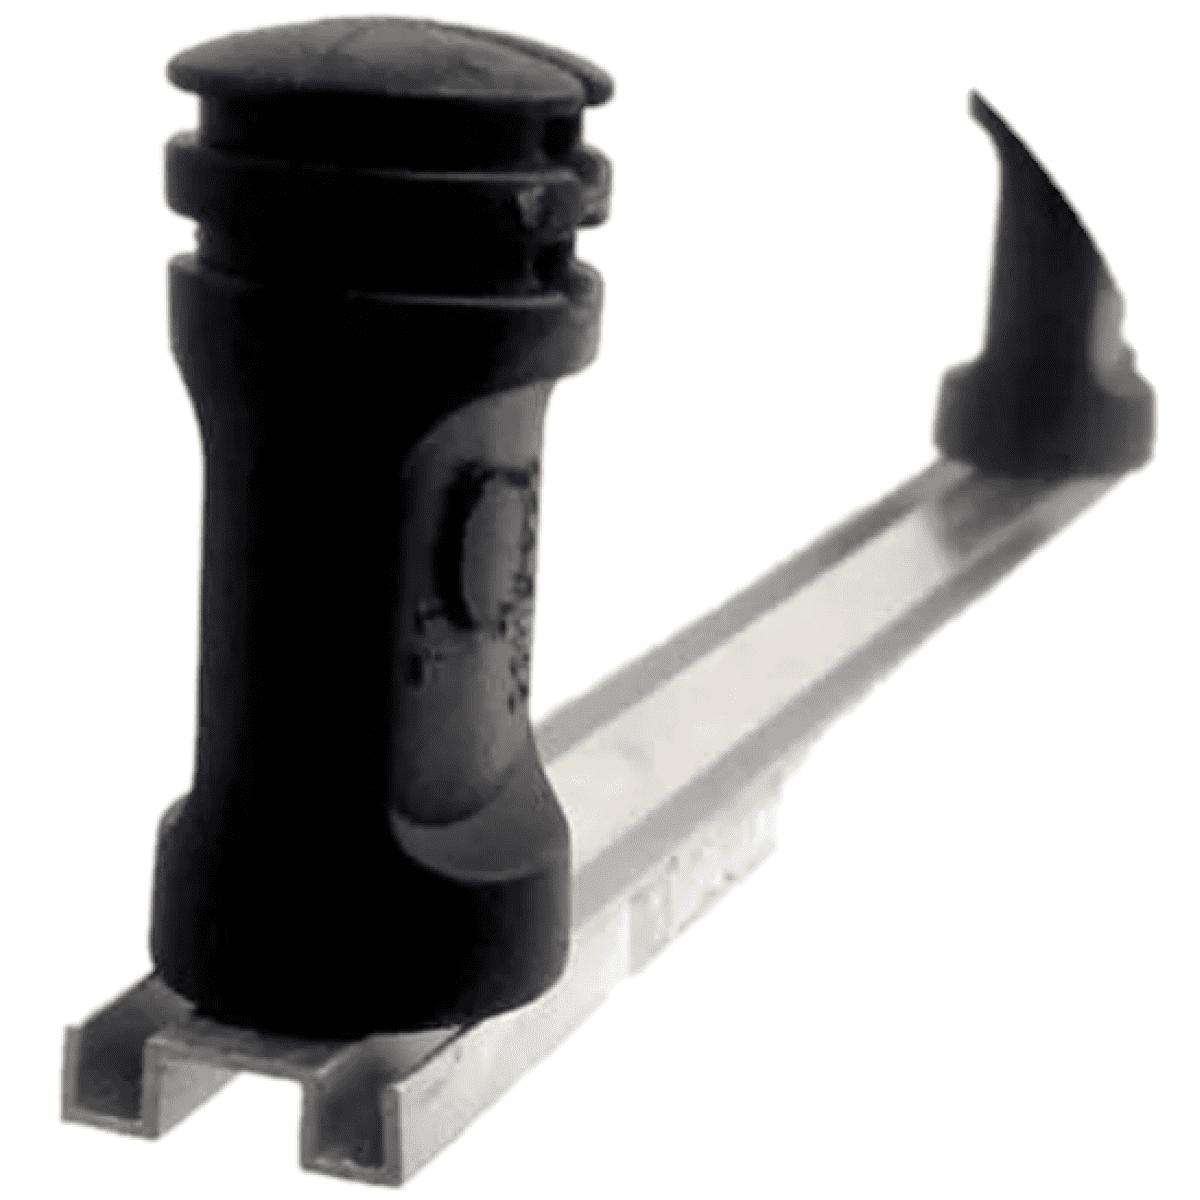 Kit 150 Isolador Cerca Elétrica Maia Preto - Com Parafusos  - Ambientude Agro e Pet